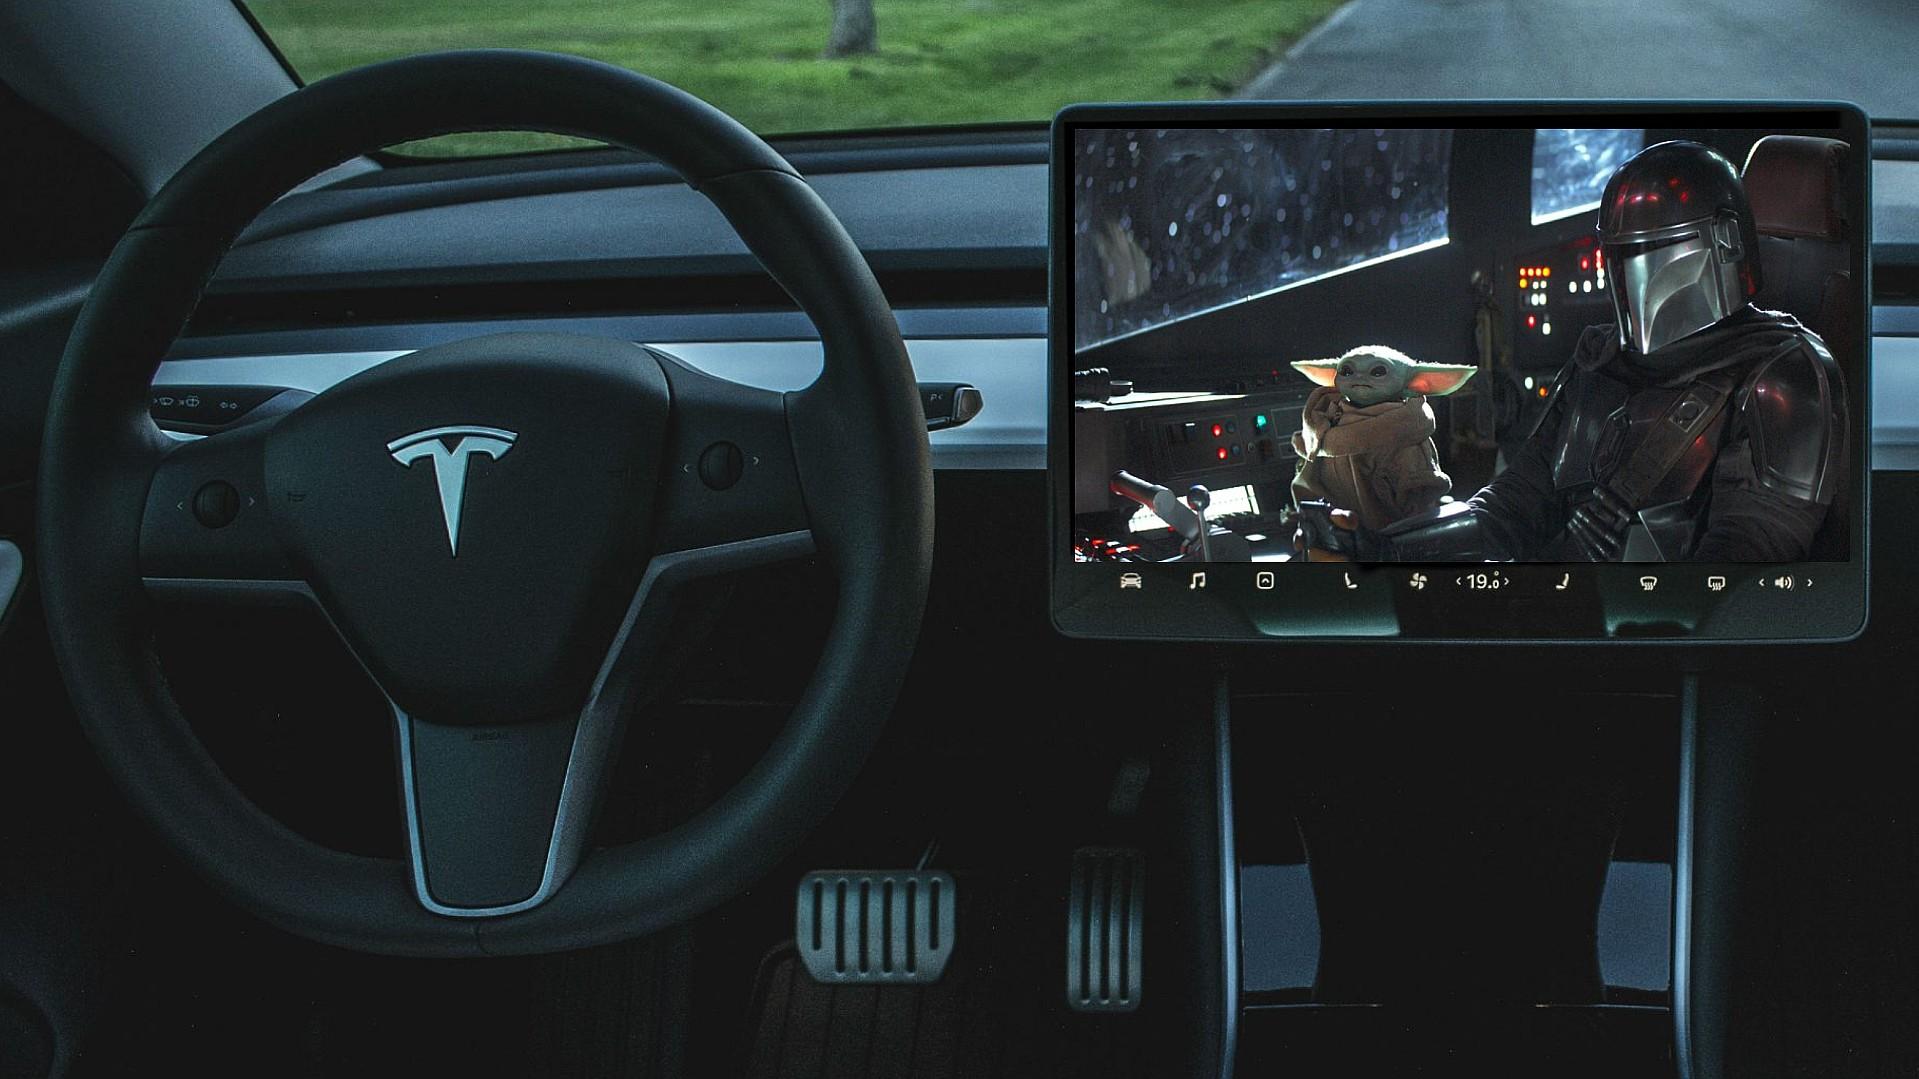 Tesla Model 3 playing Disney Plus video